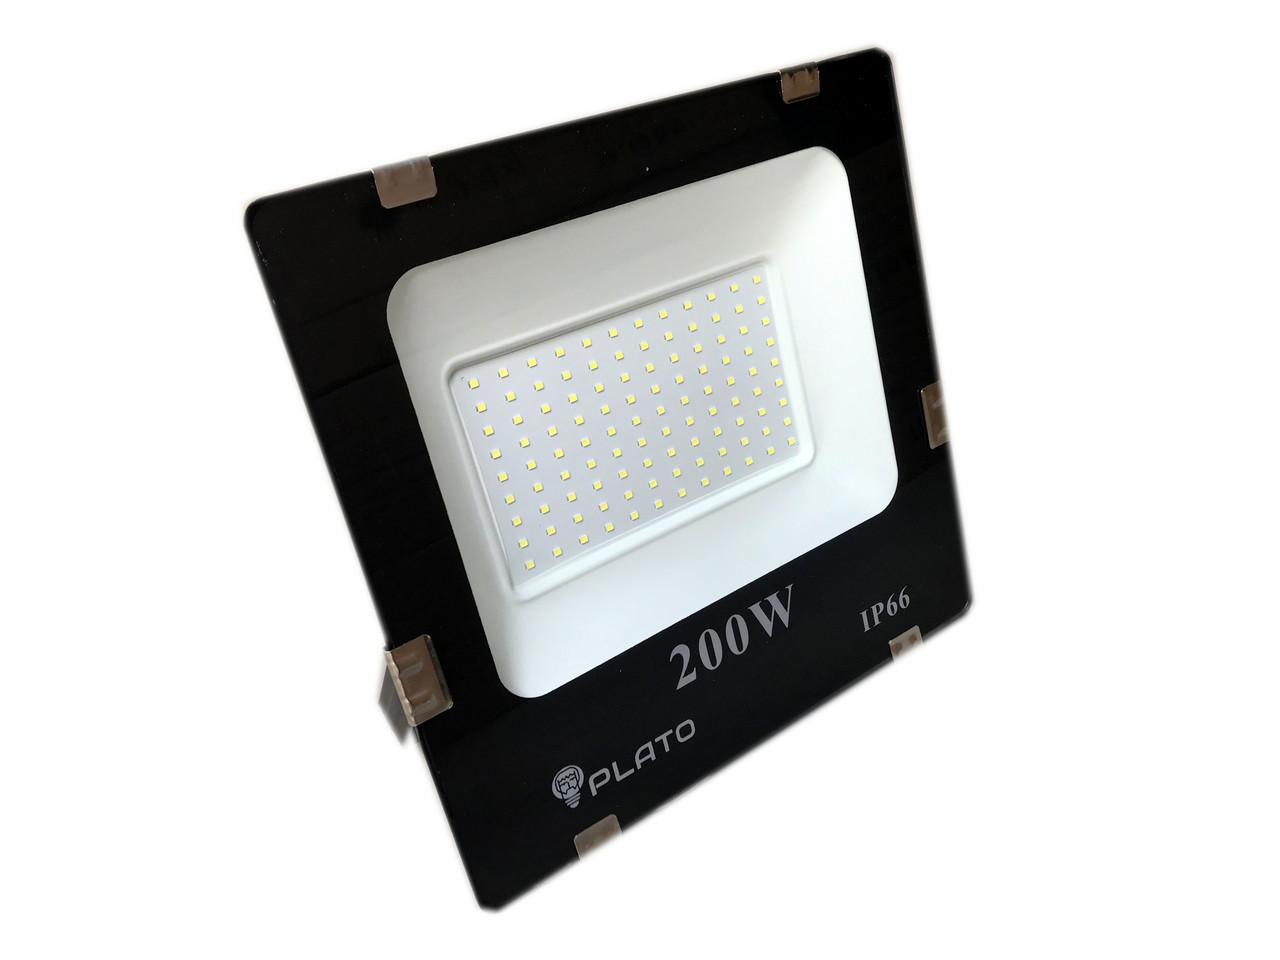 Светодиодный прожектор PLATO 200 W, 6500K